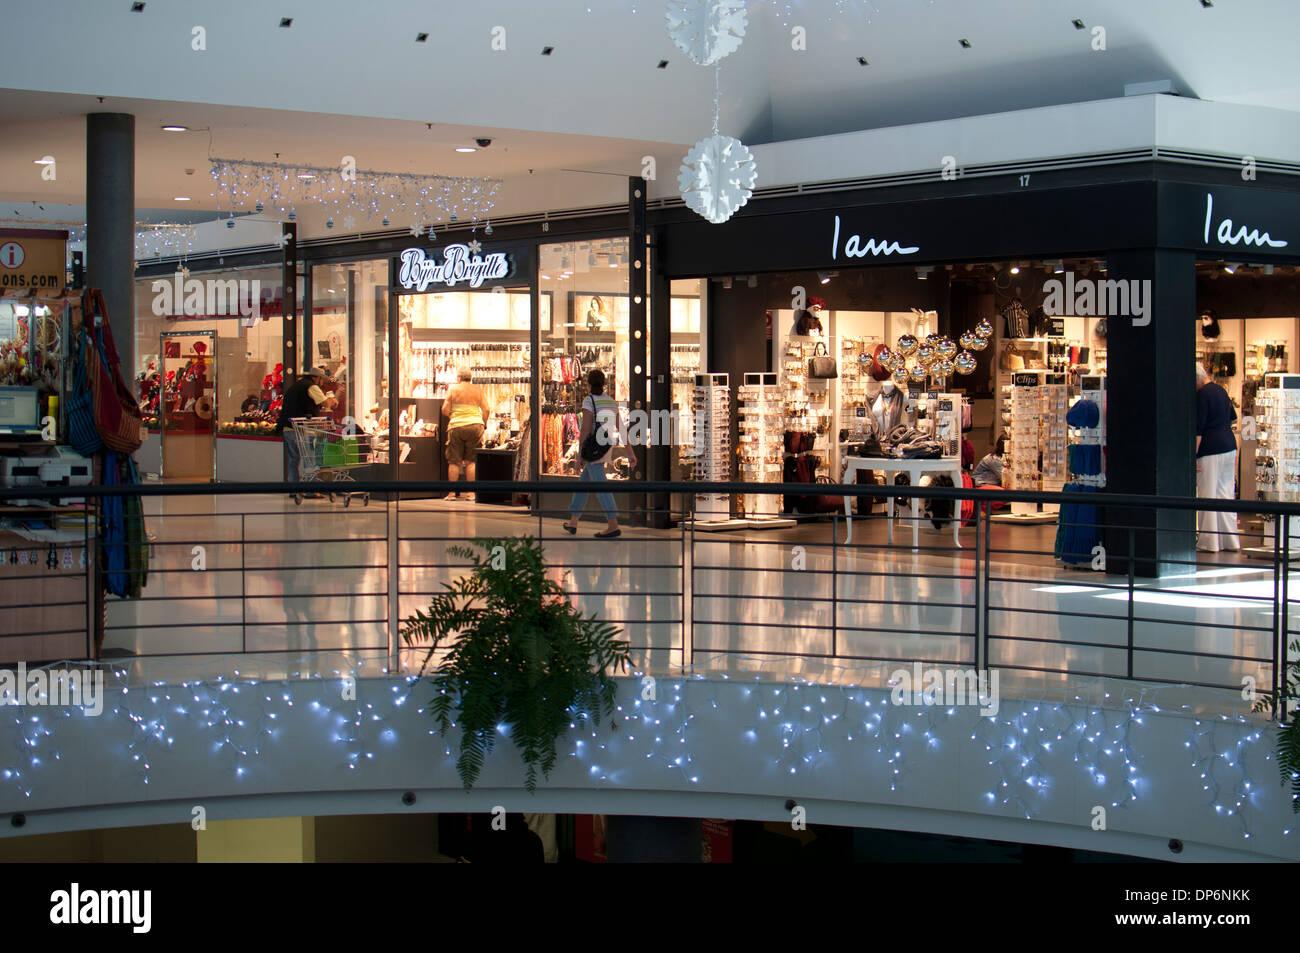 Centro comercial atlantico shopping centre caleta de - Centro comercial moda shoping ...